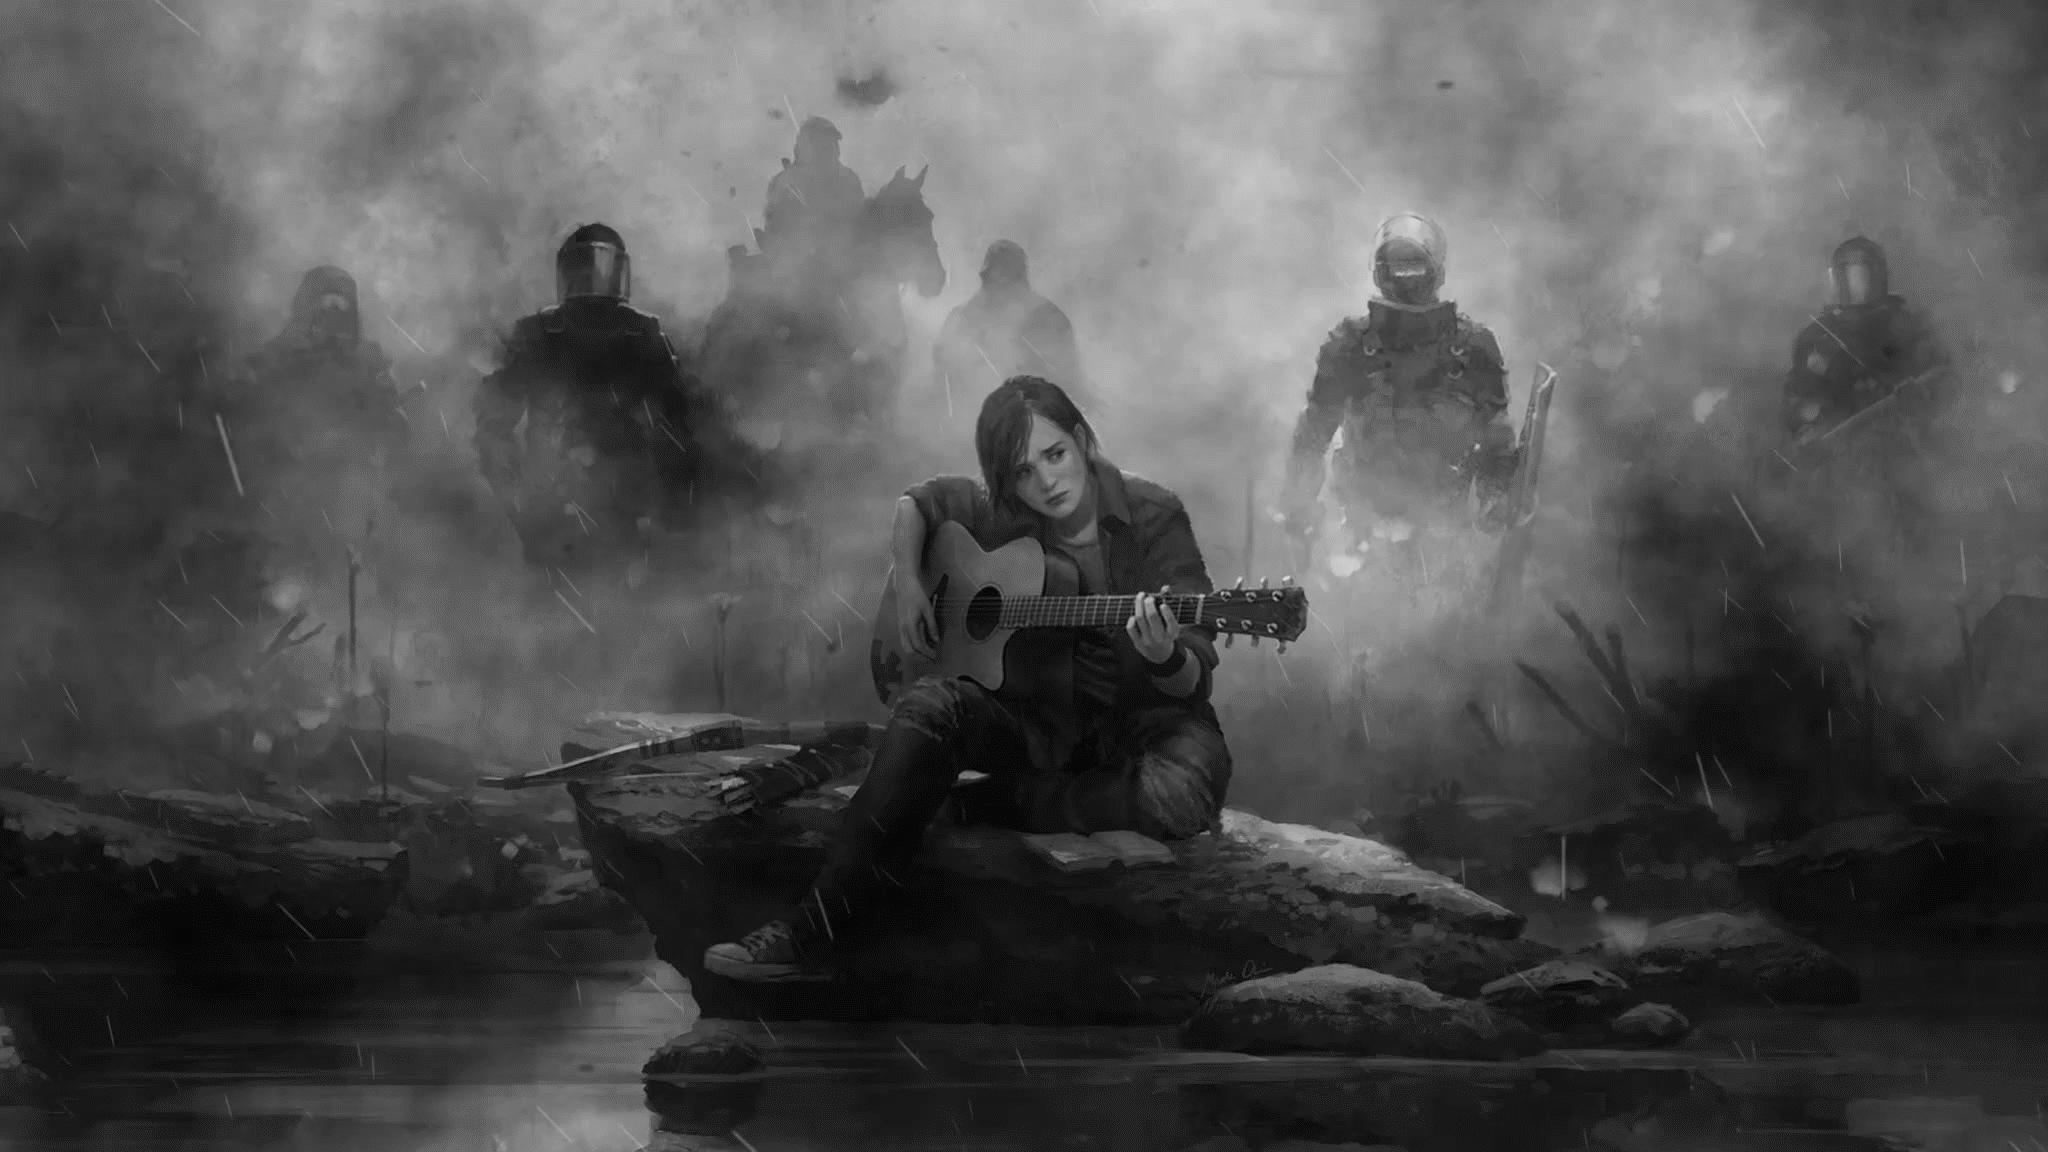 Ellie The Last Of Us Part 2 Guitar Monochrome Hd Games 4k